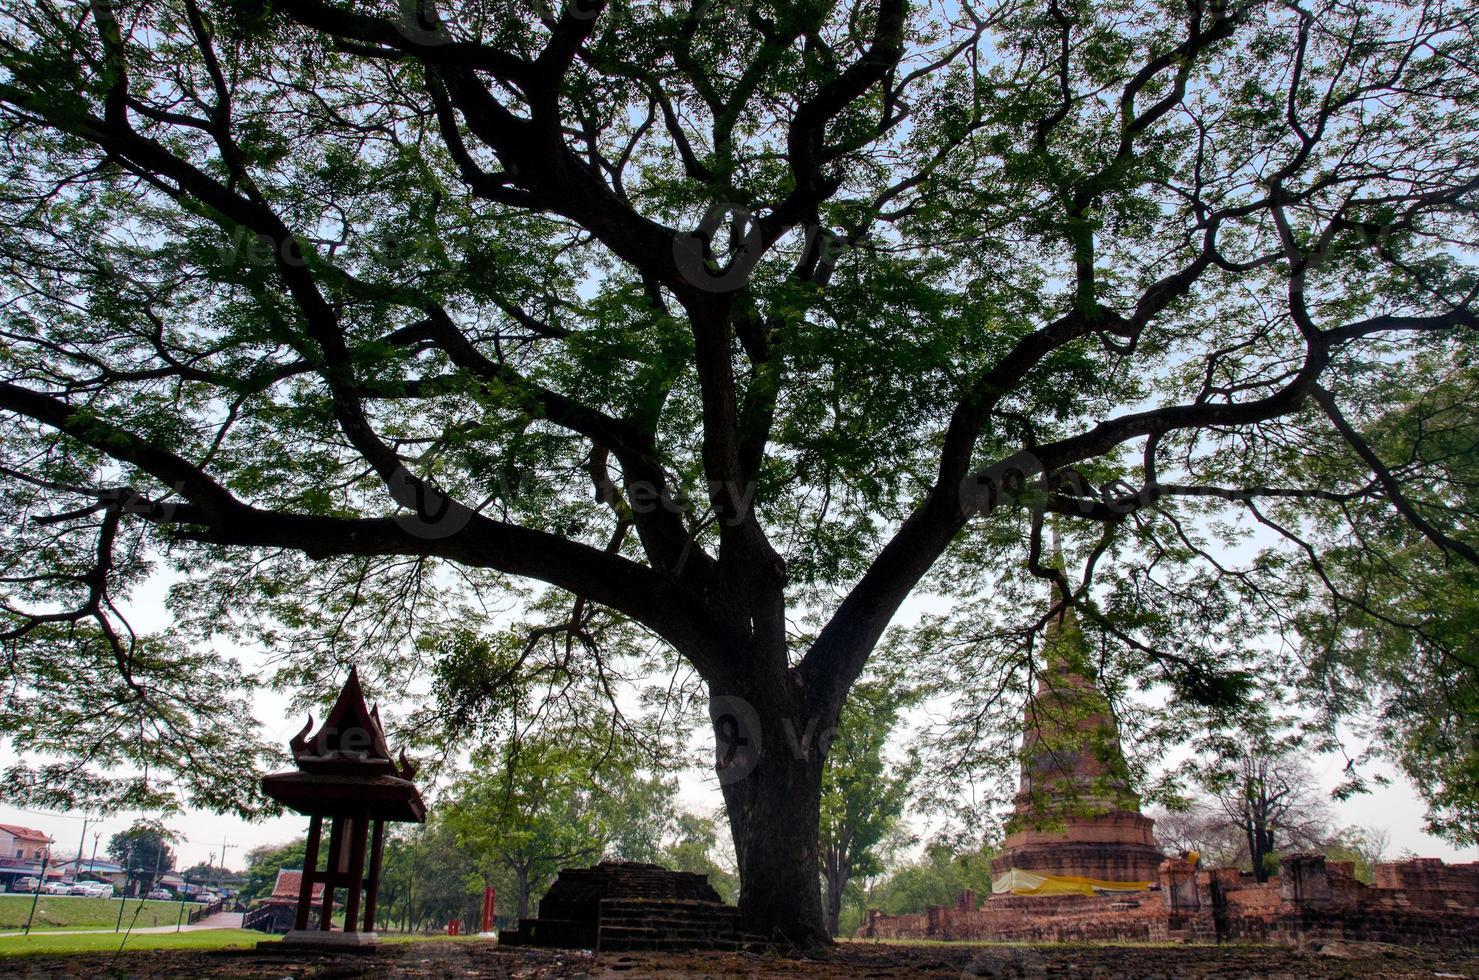 großer Baum im buddhistischen alten Tempel foto